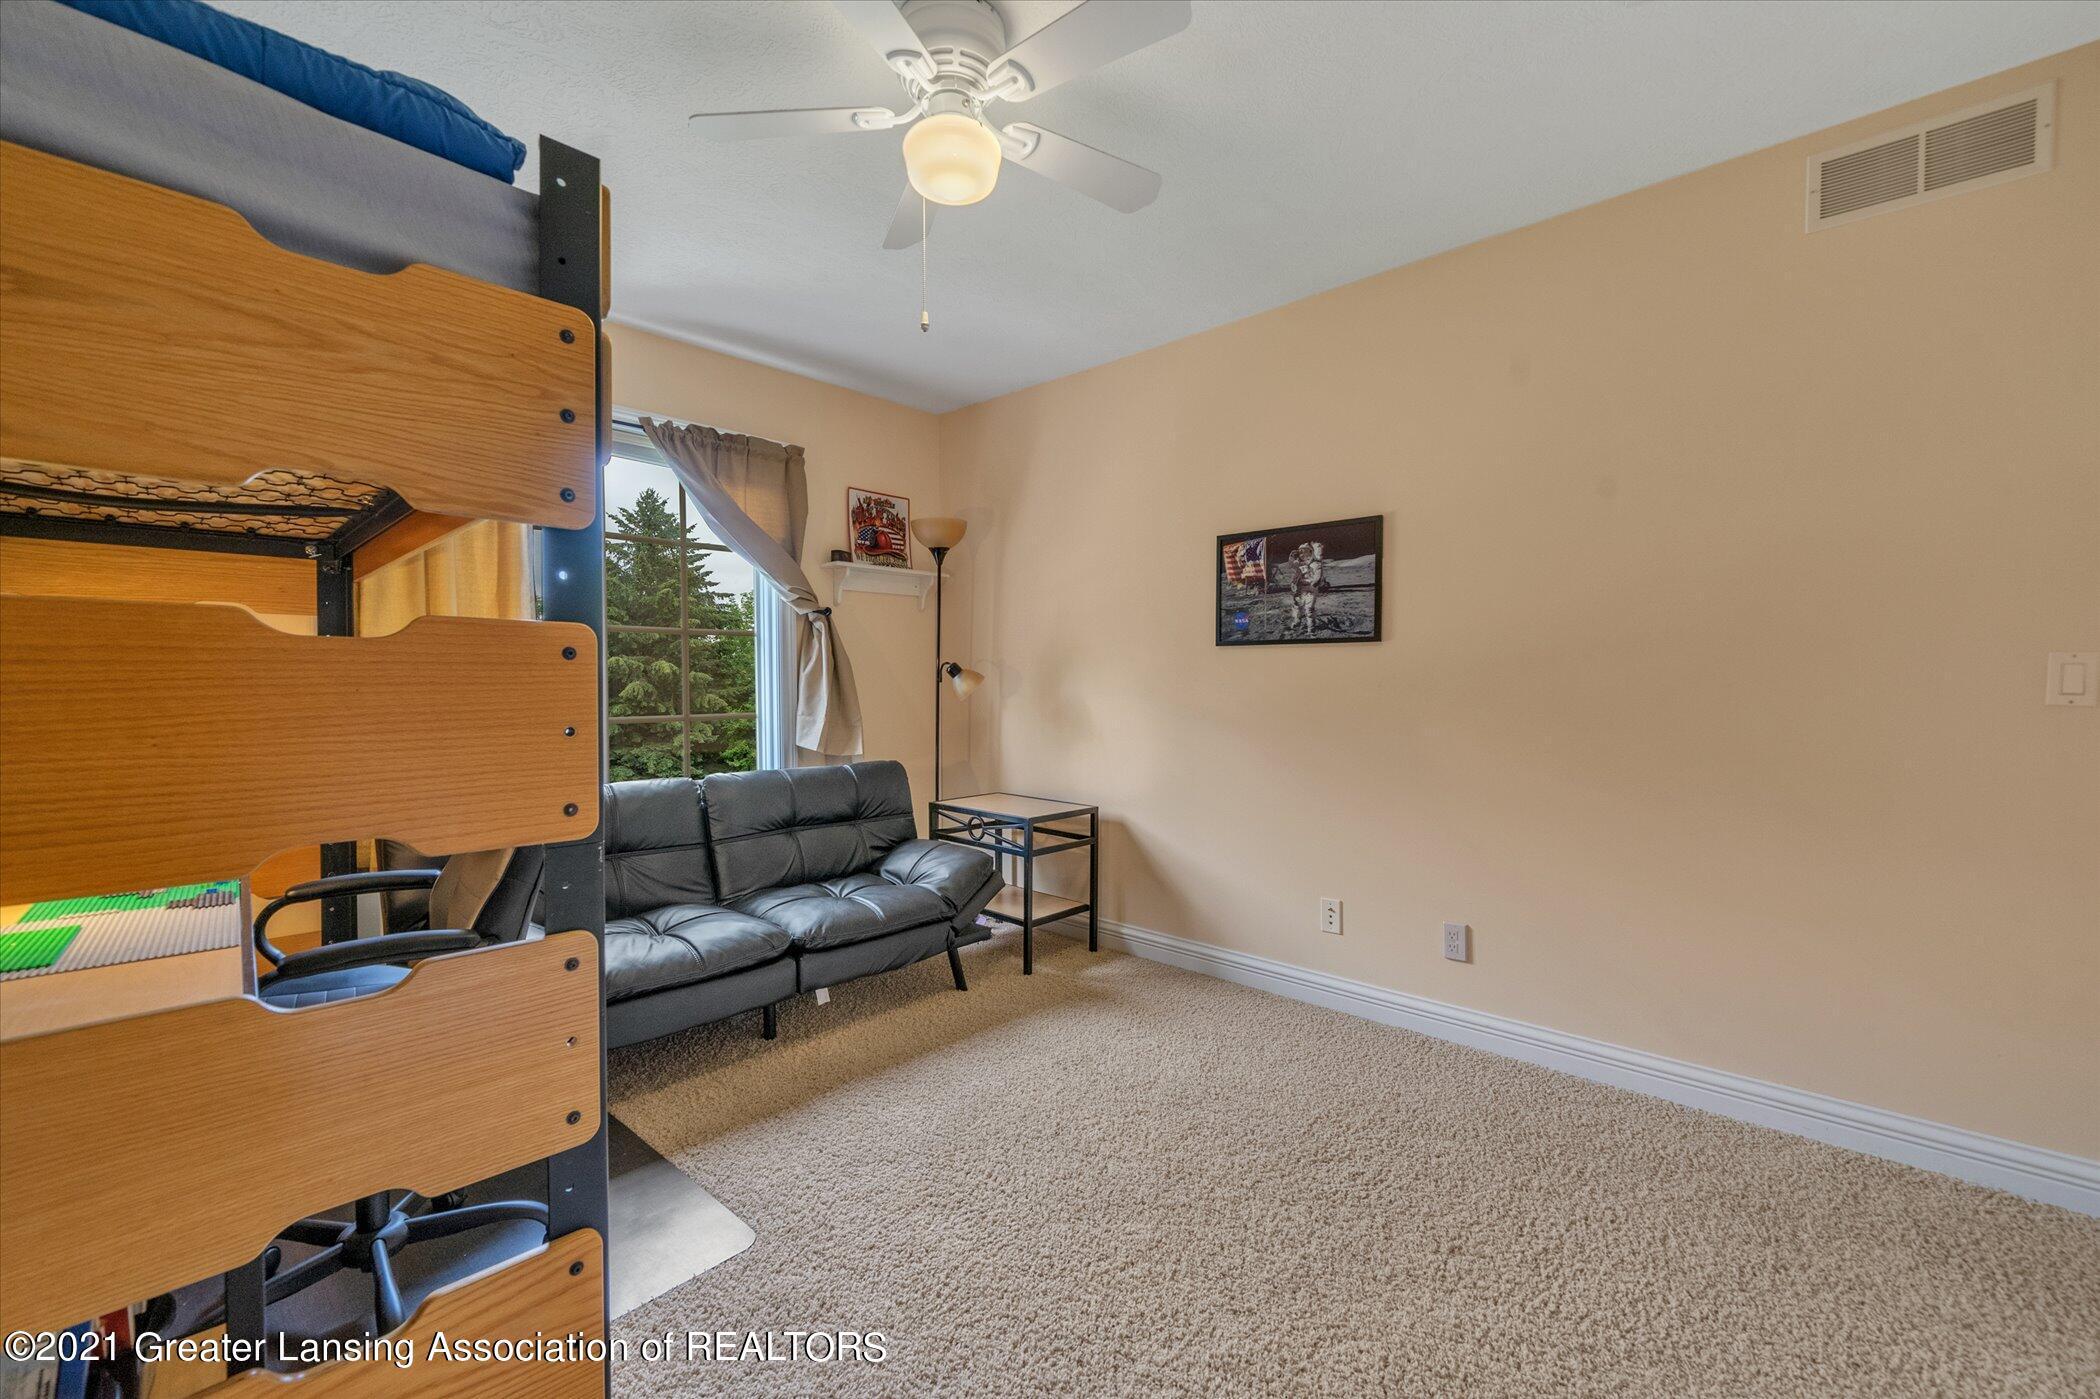 8100 Casandra Ln - UPPER LEVEL Bedroom 2 - 27